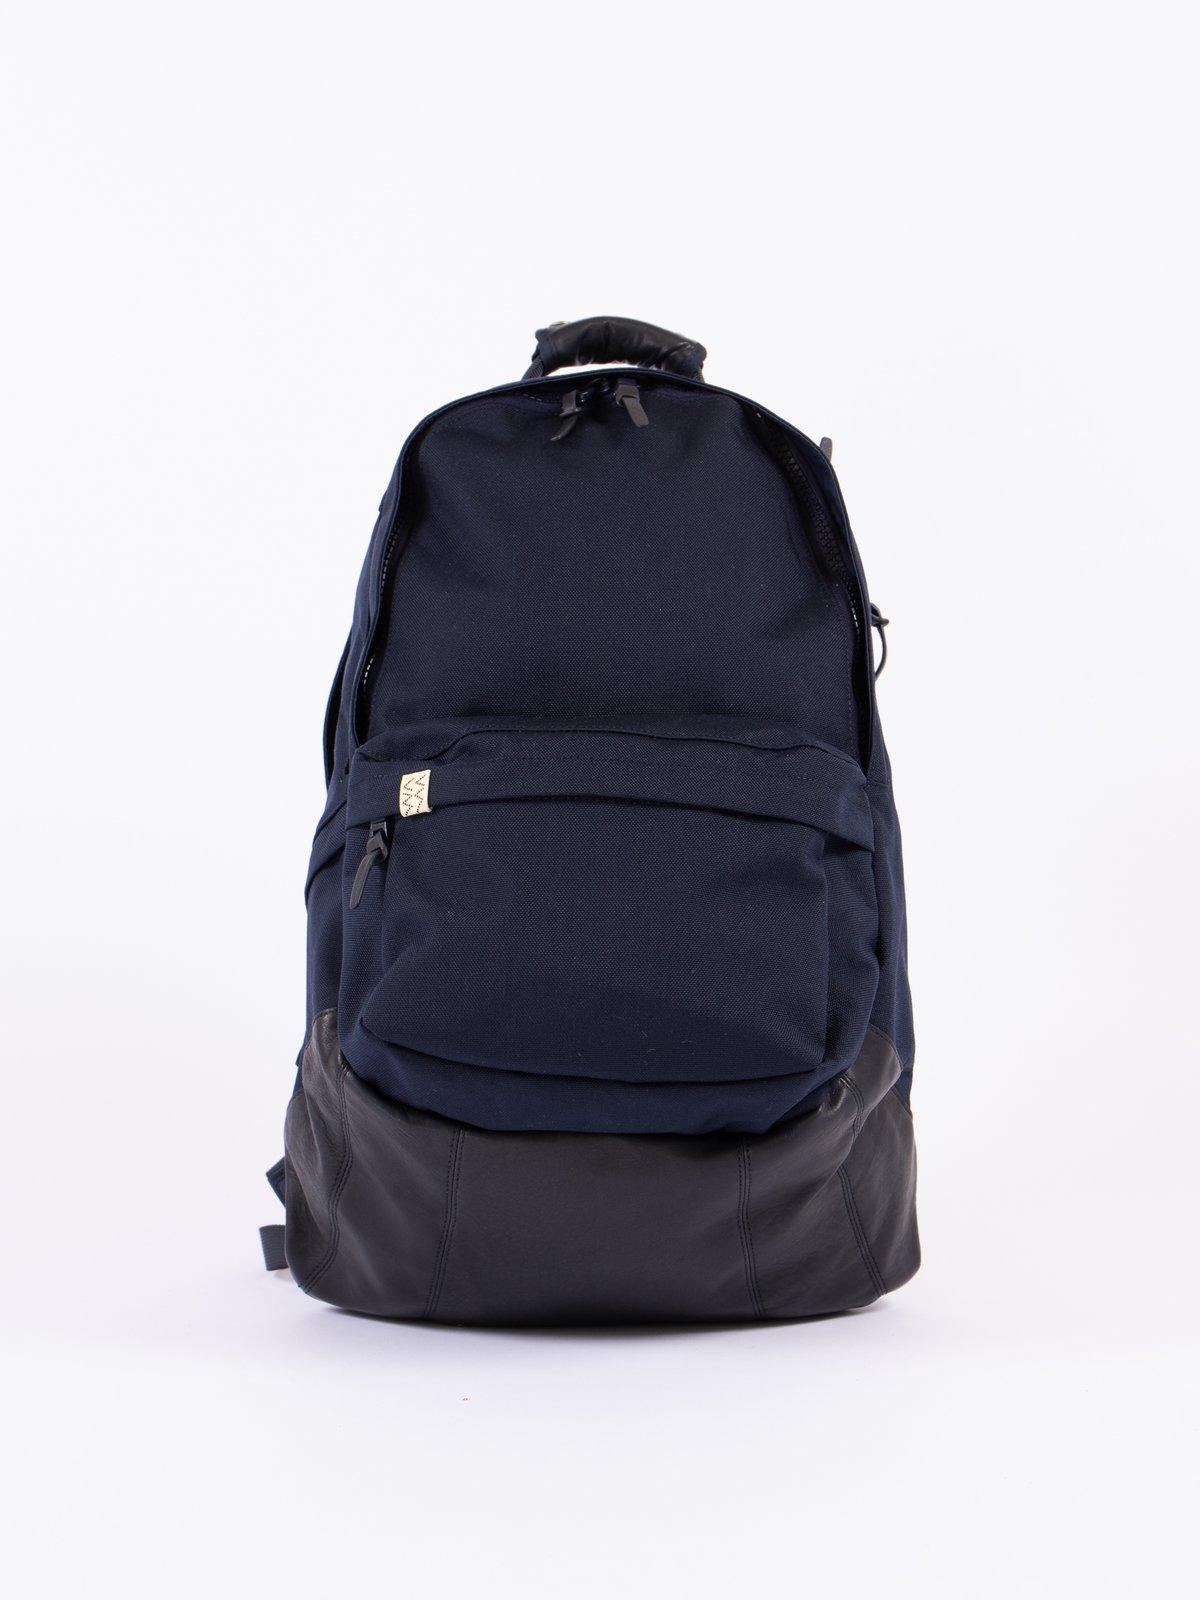 Navy Fra Veg Lamb 22L Cordura Backpack - Image 1